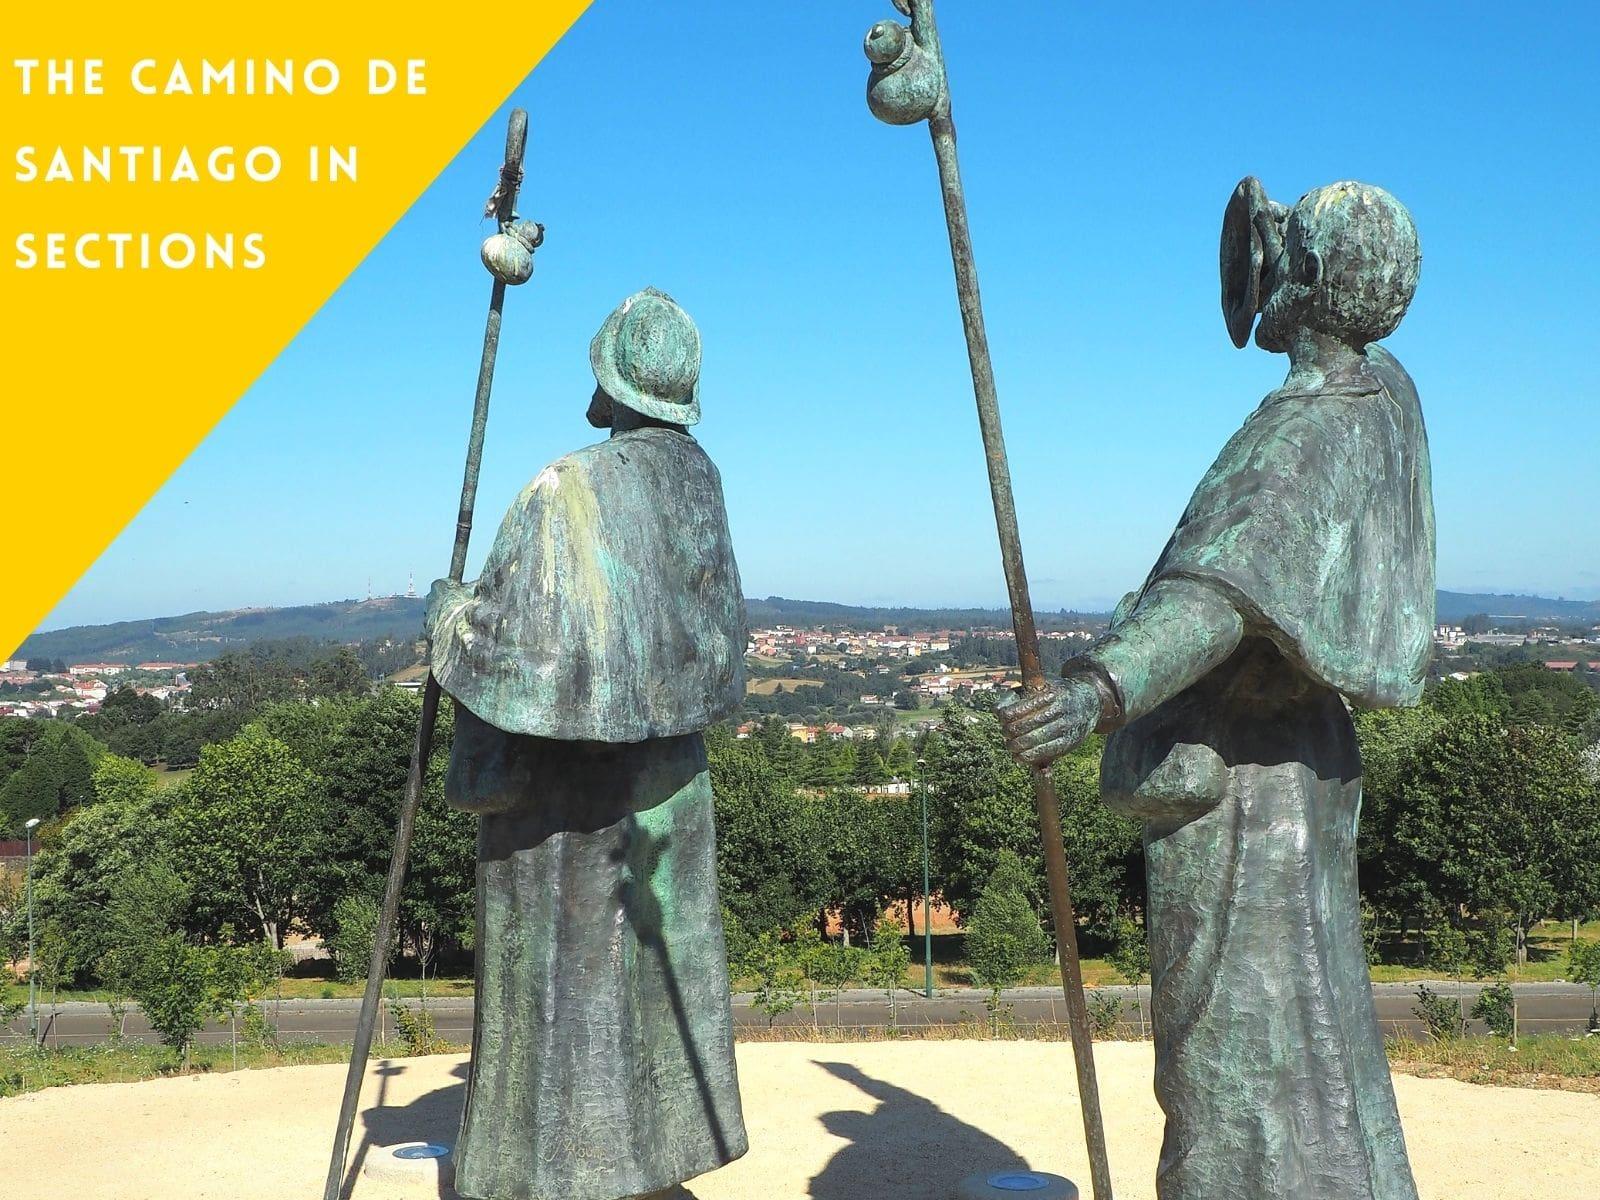 The Camino de Santiago in sections galiwonders